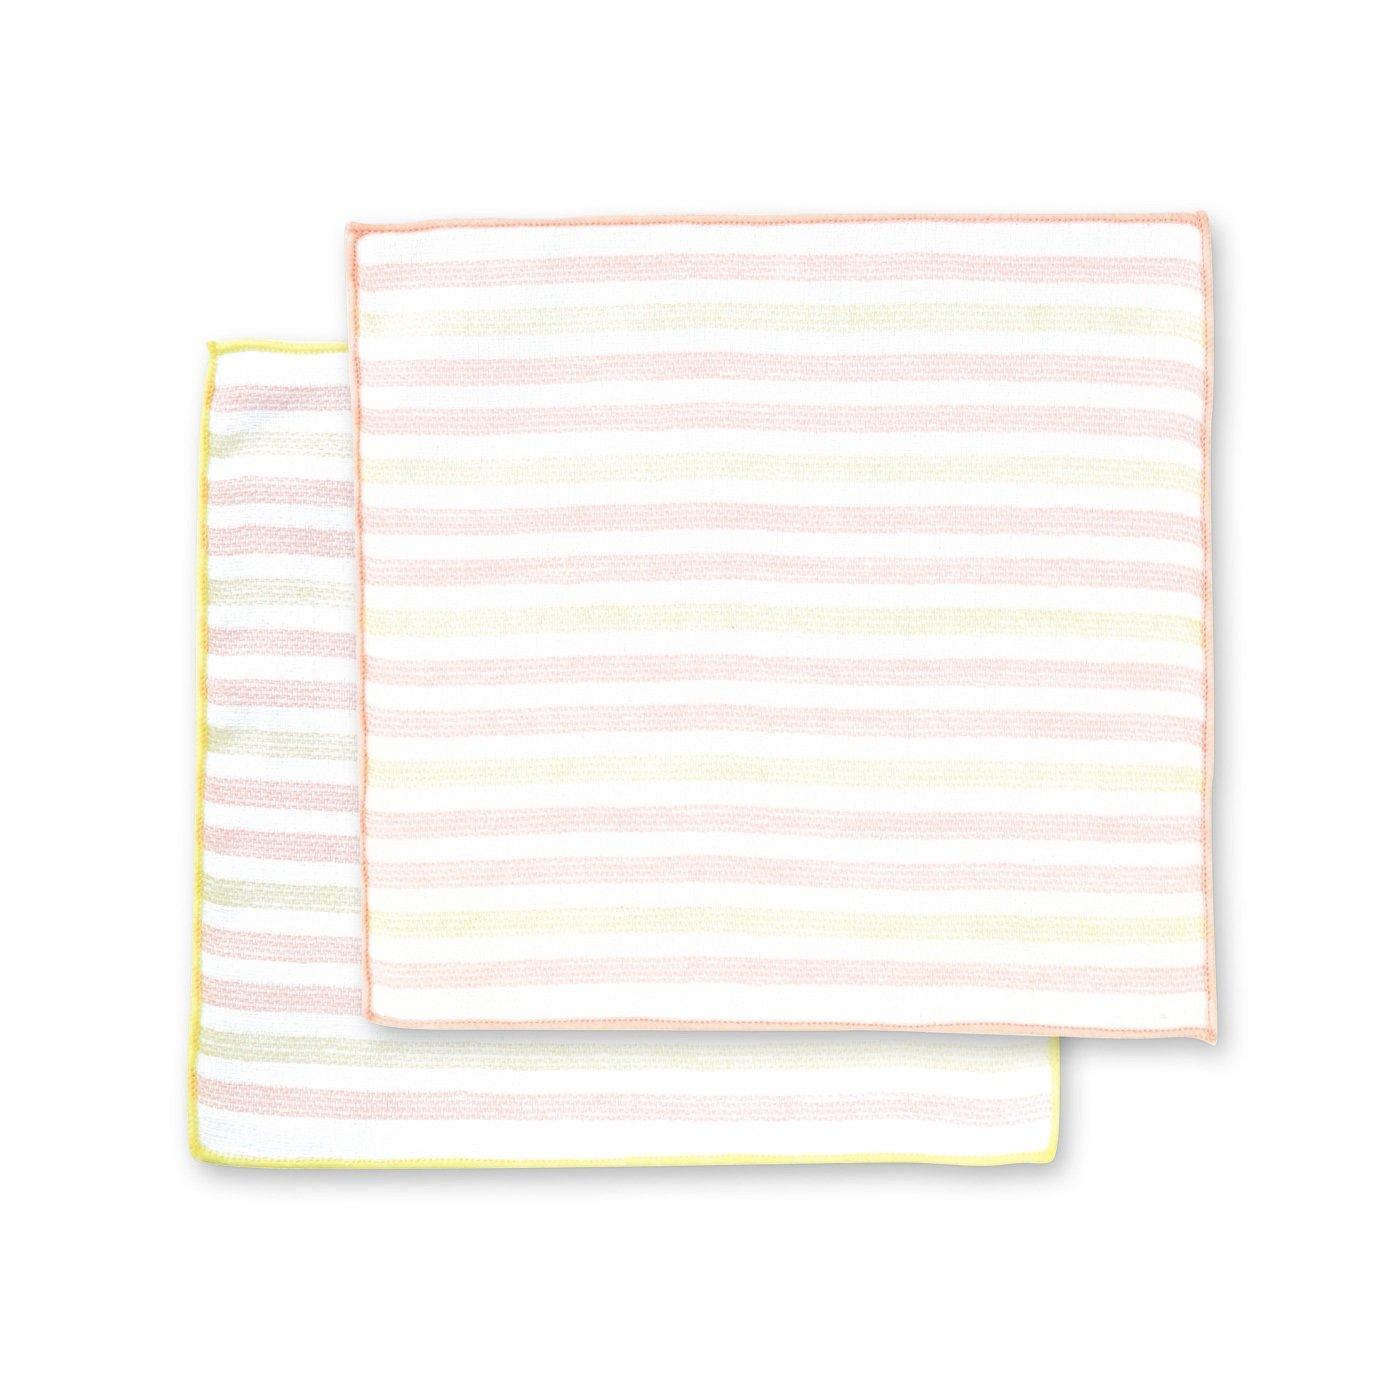 サンクチュアリ 綿100%無撚糸ガーゼに包まれる クオータータオル〈2枚セット〉の会